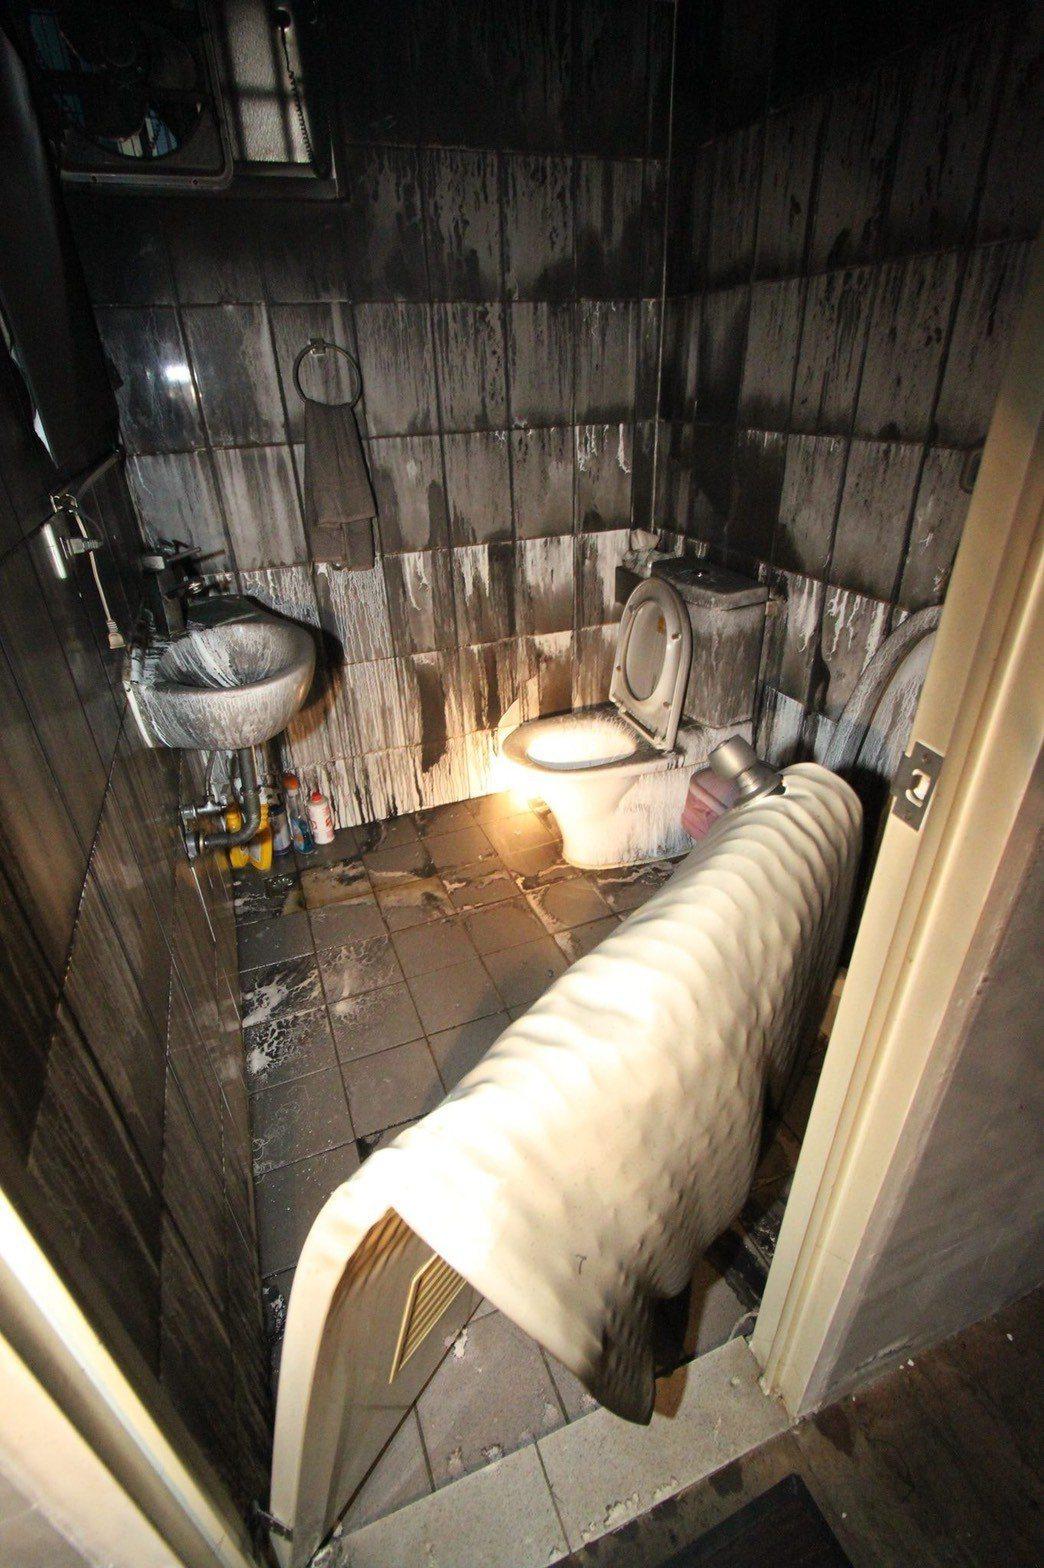 消防局指出,廁所浴室的門大多為塑膠材質,遇熱很容易融化,遇到火災若躲在裡面,濃煙...